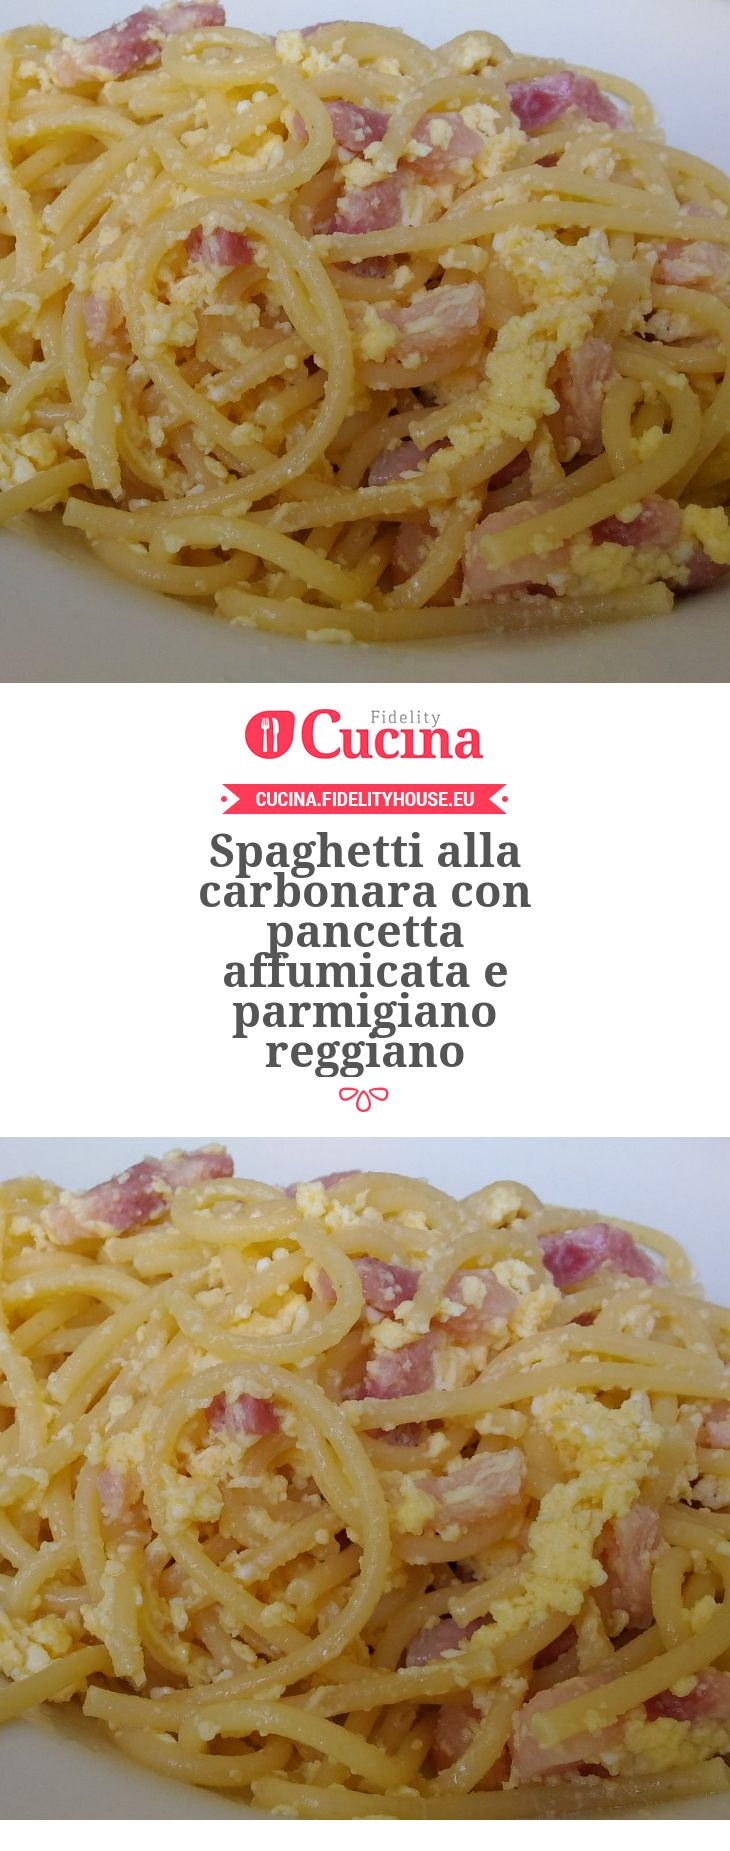 Spaghetti alla carbonara con pancetta affumicata e parmigiano reggiano